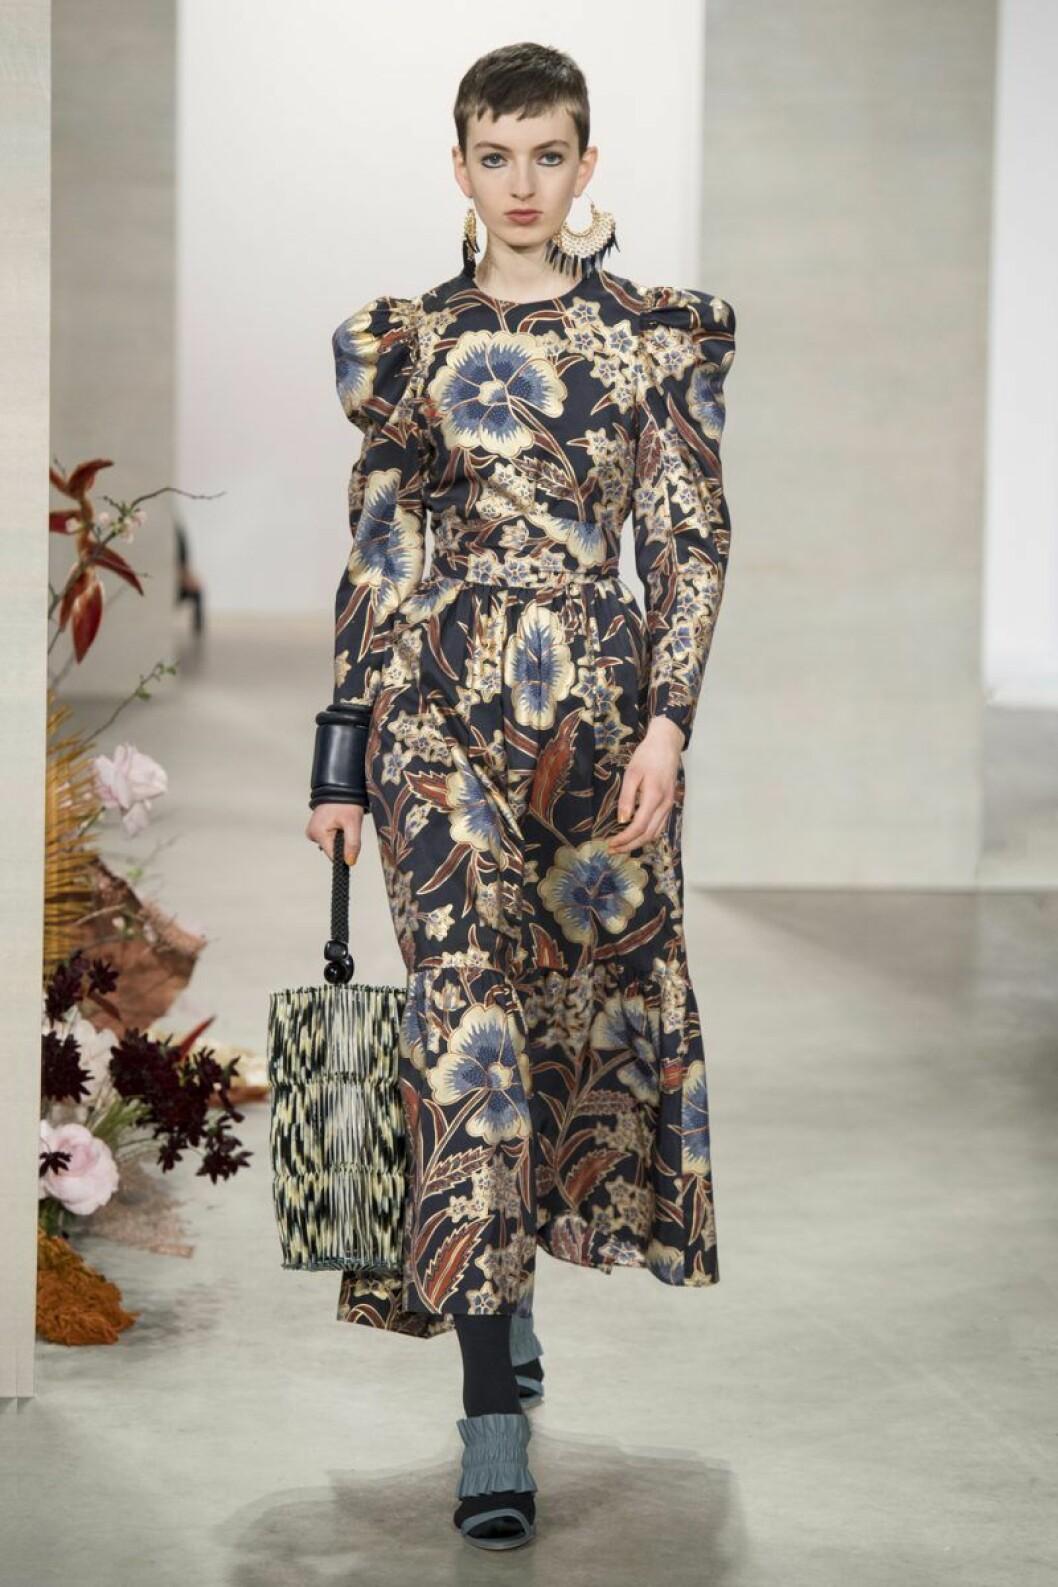 Ulla Johnson aw 19 blommig klänning